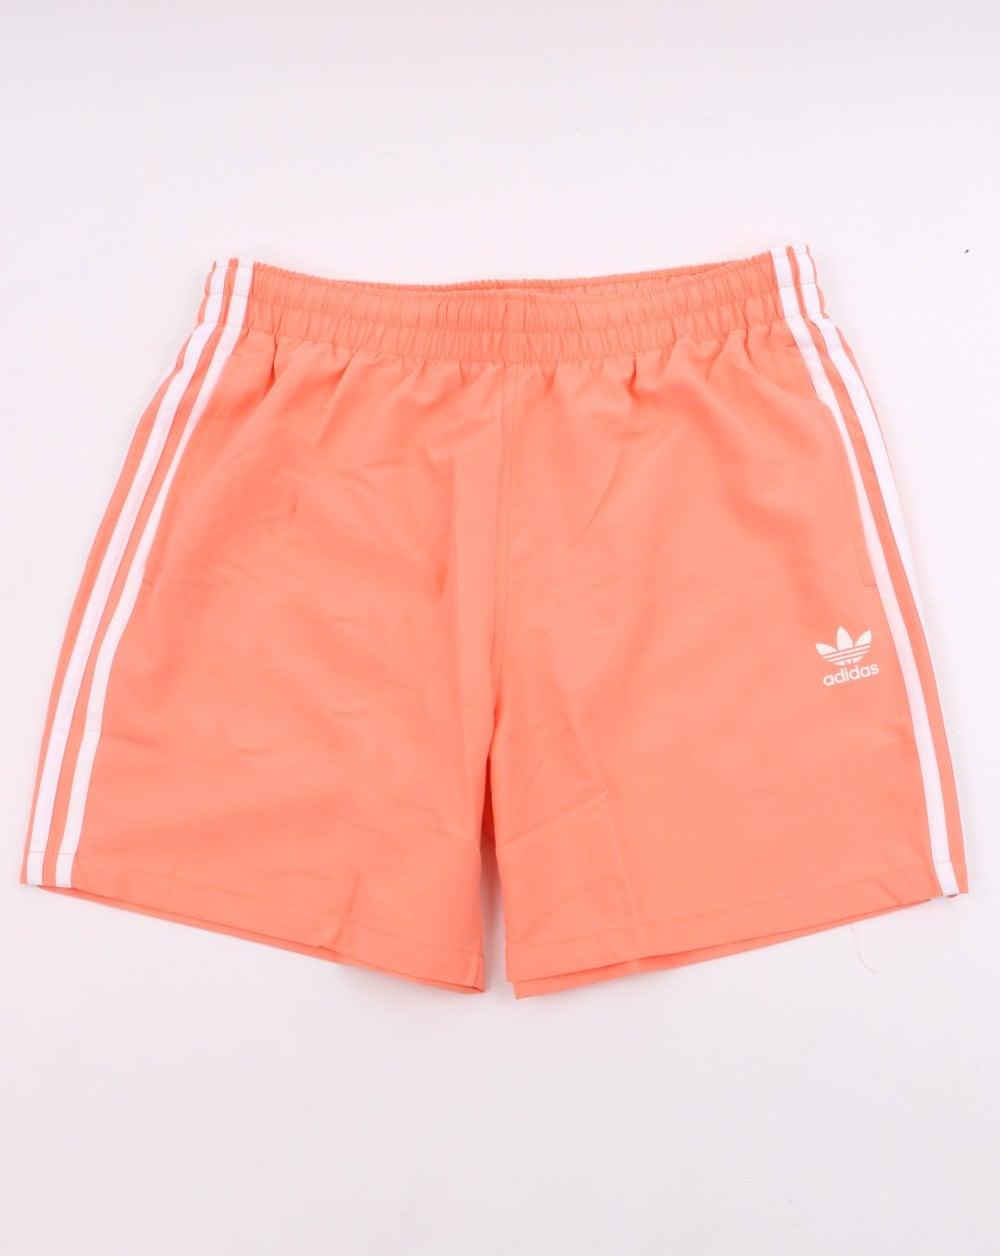 Imposible a la deriva De acuerdo con  Adidas Originals 3 Stripes Swim Shorts Chalk Coral | 80s Casual Classics